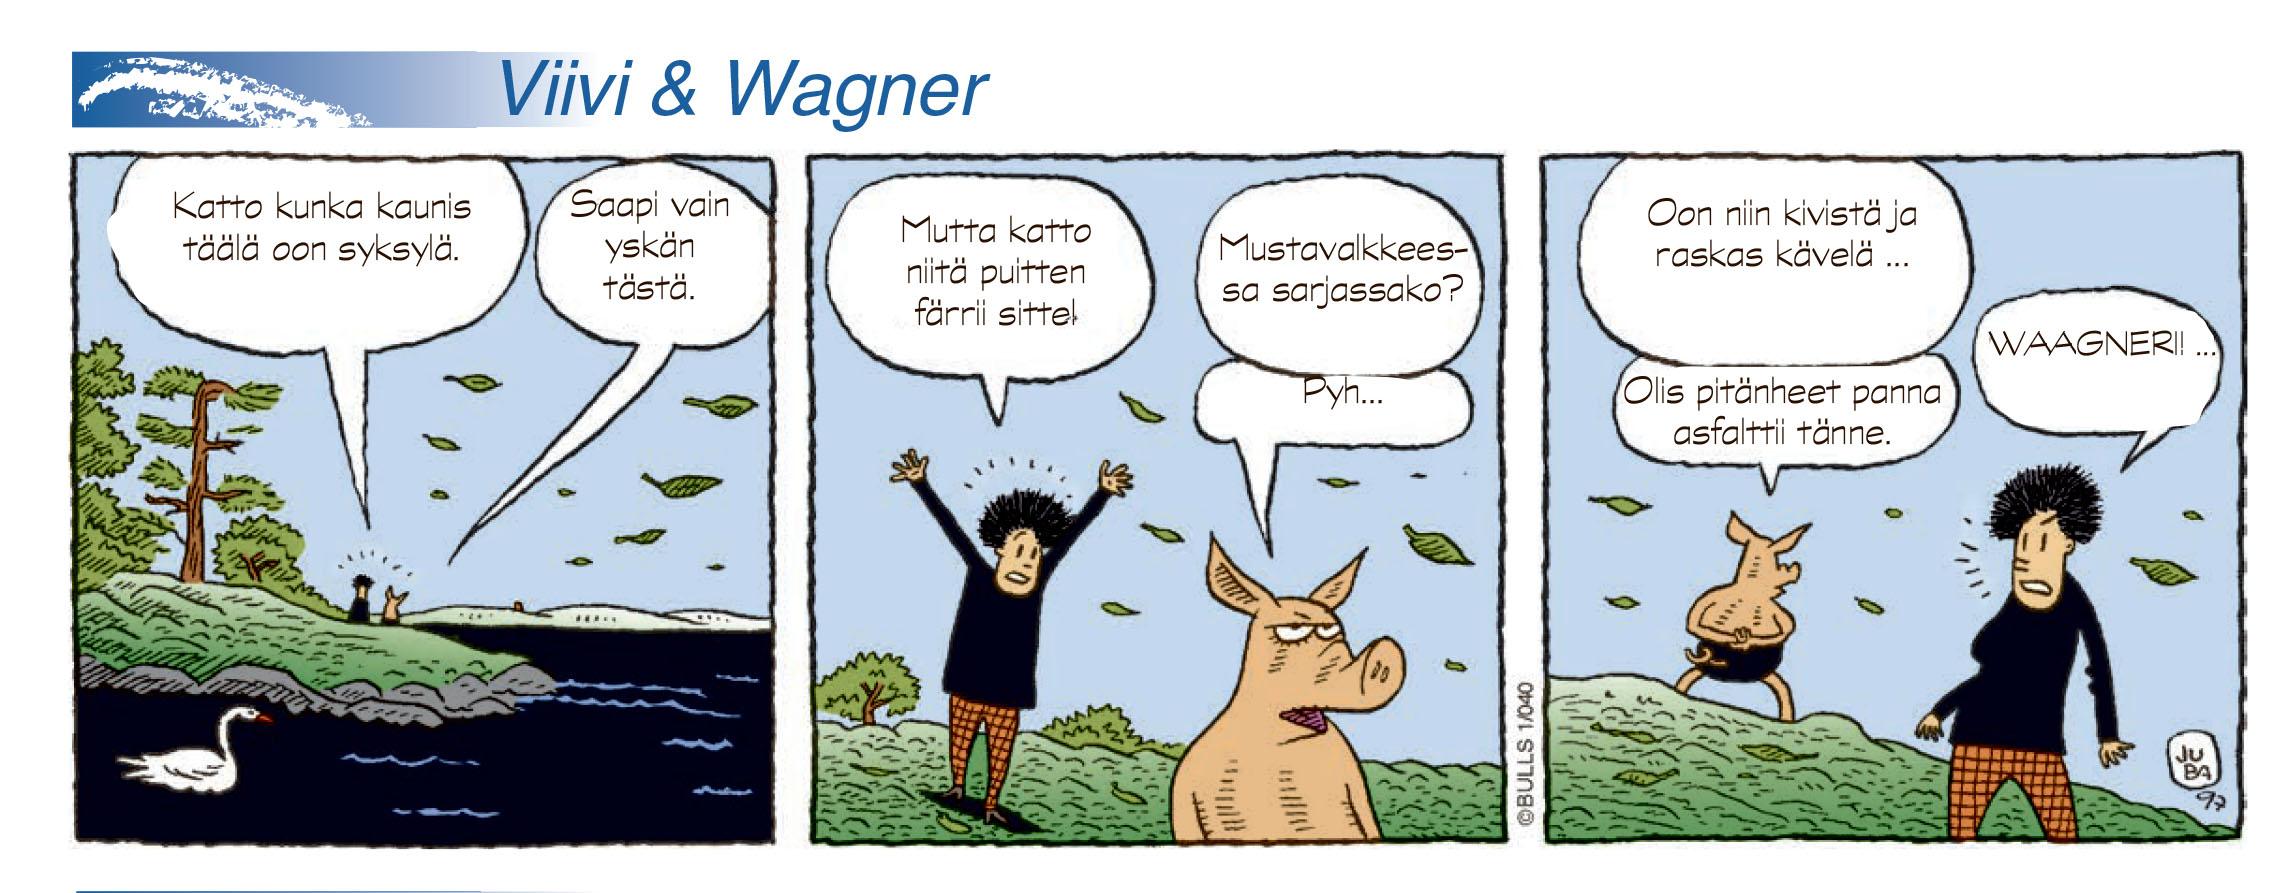 Viivi & Wagner (nr 8 -2015)